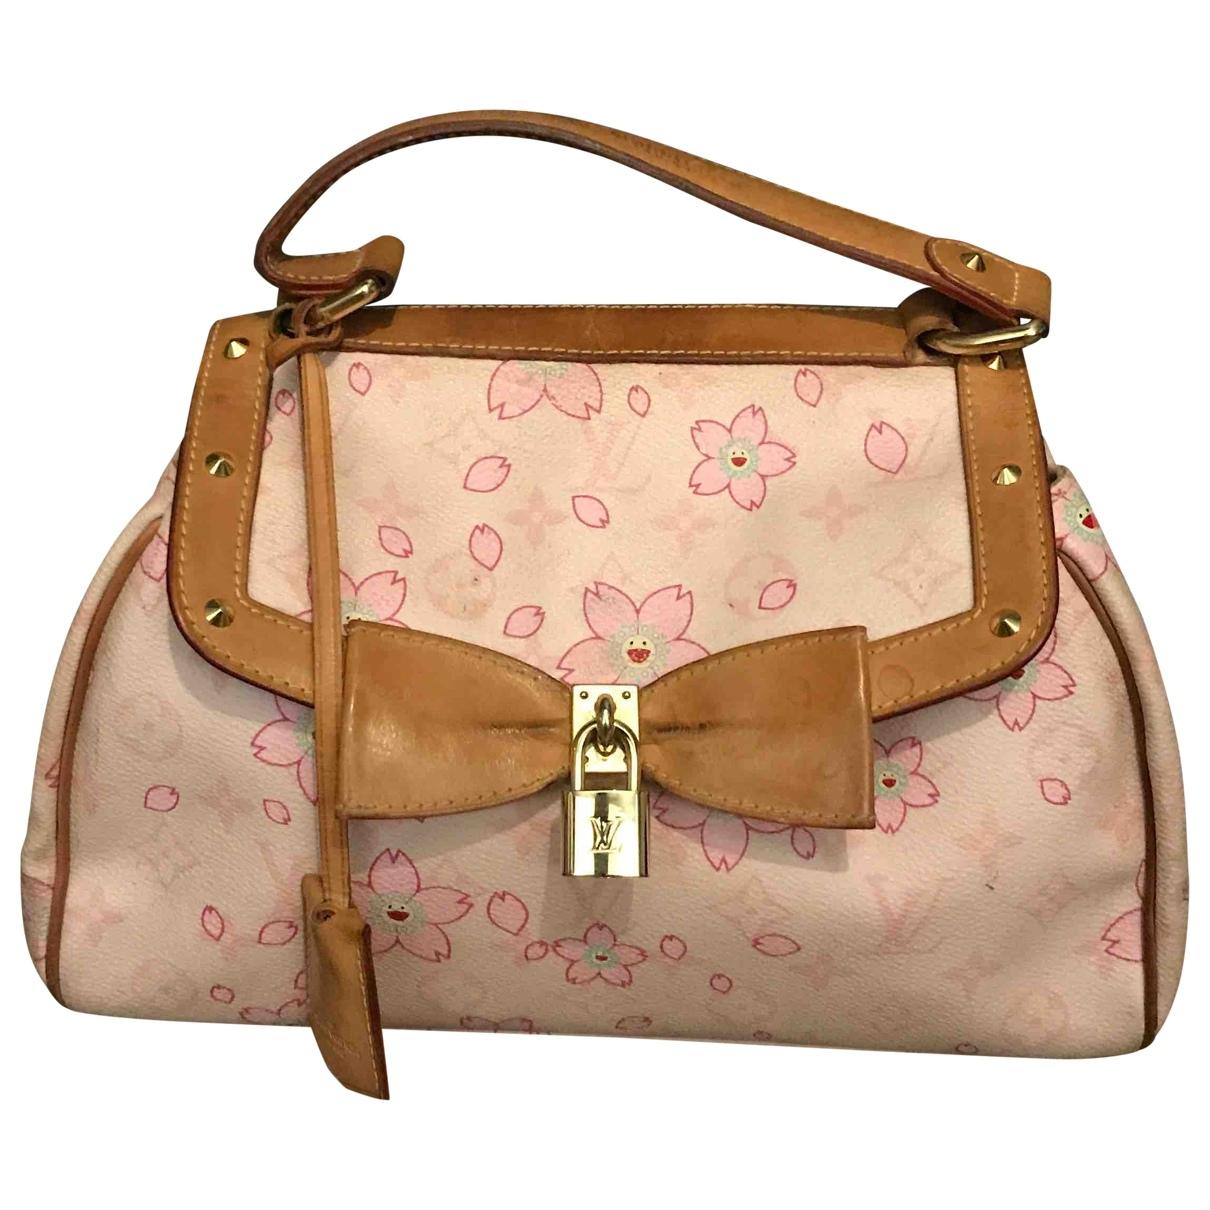 Louis Vuitton \N Pink Cloth handbag for Women \N